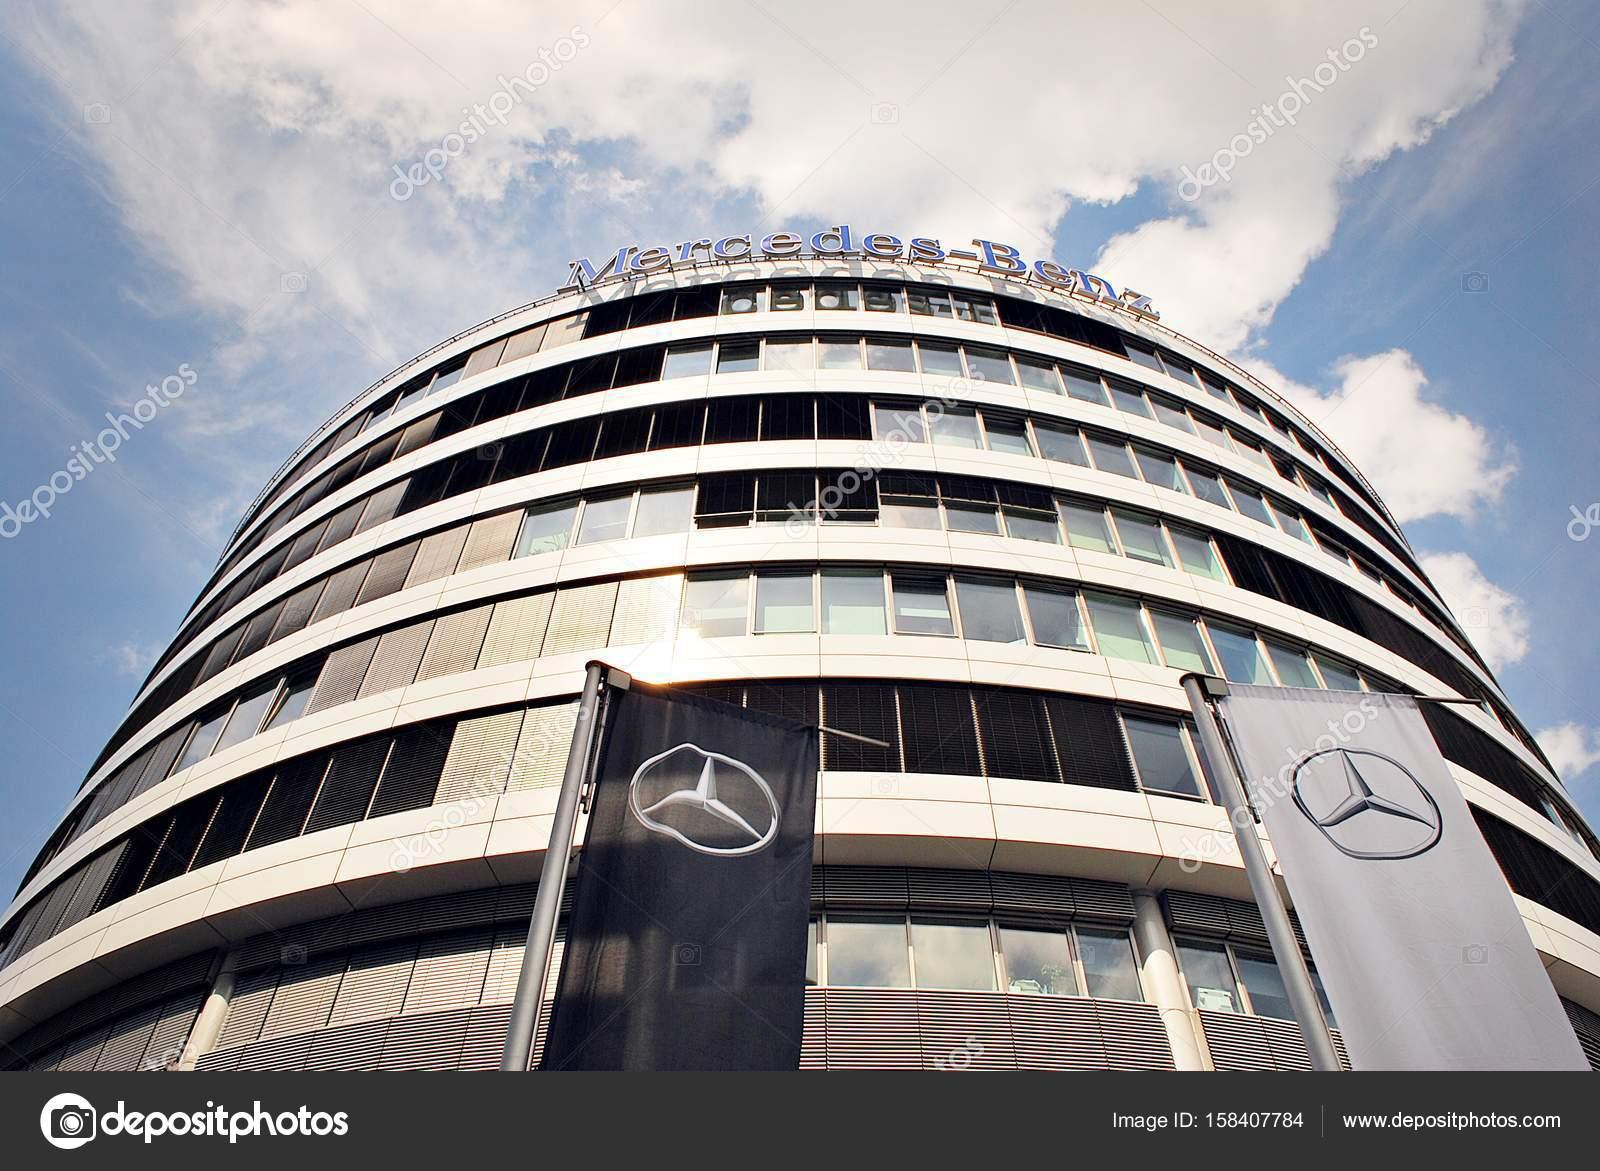 Mercedes benz est un immeuble de bureaux haut de gamme u photo